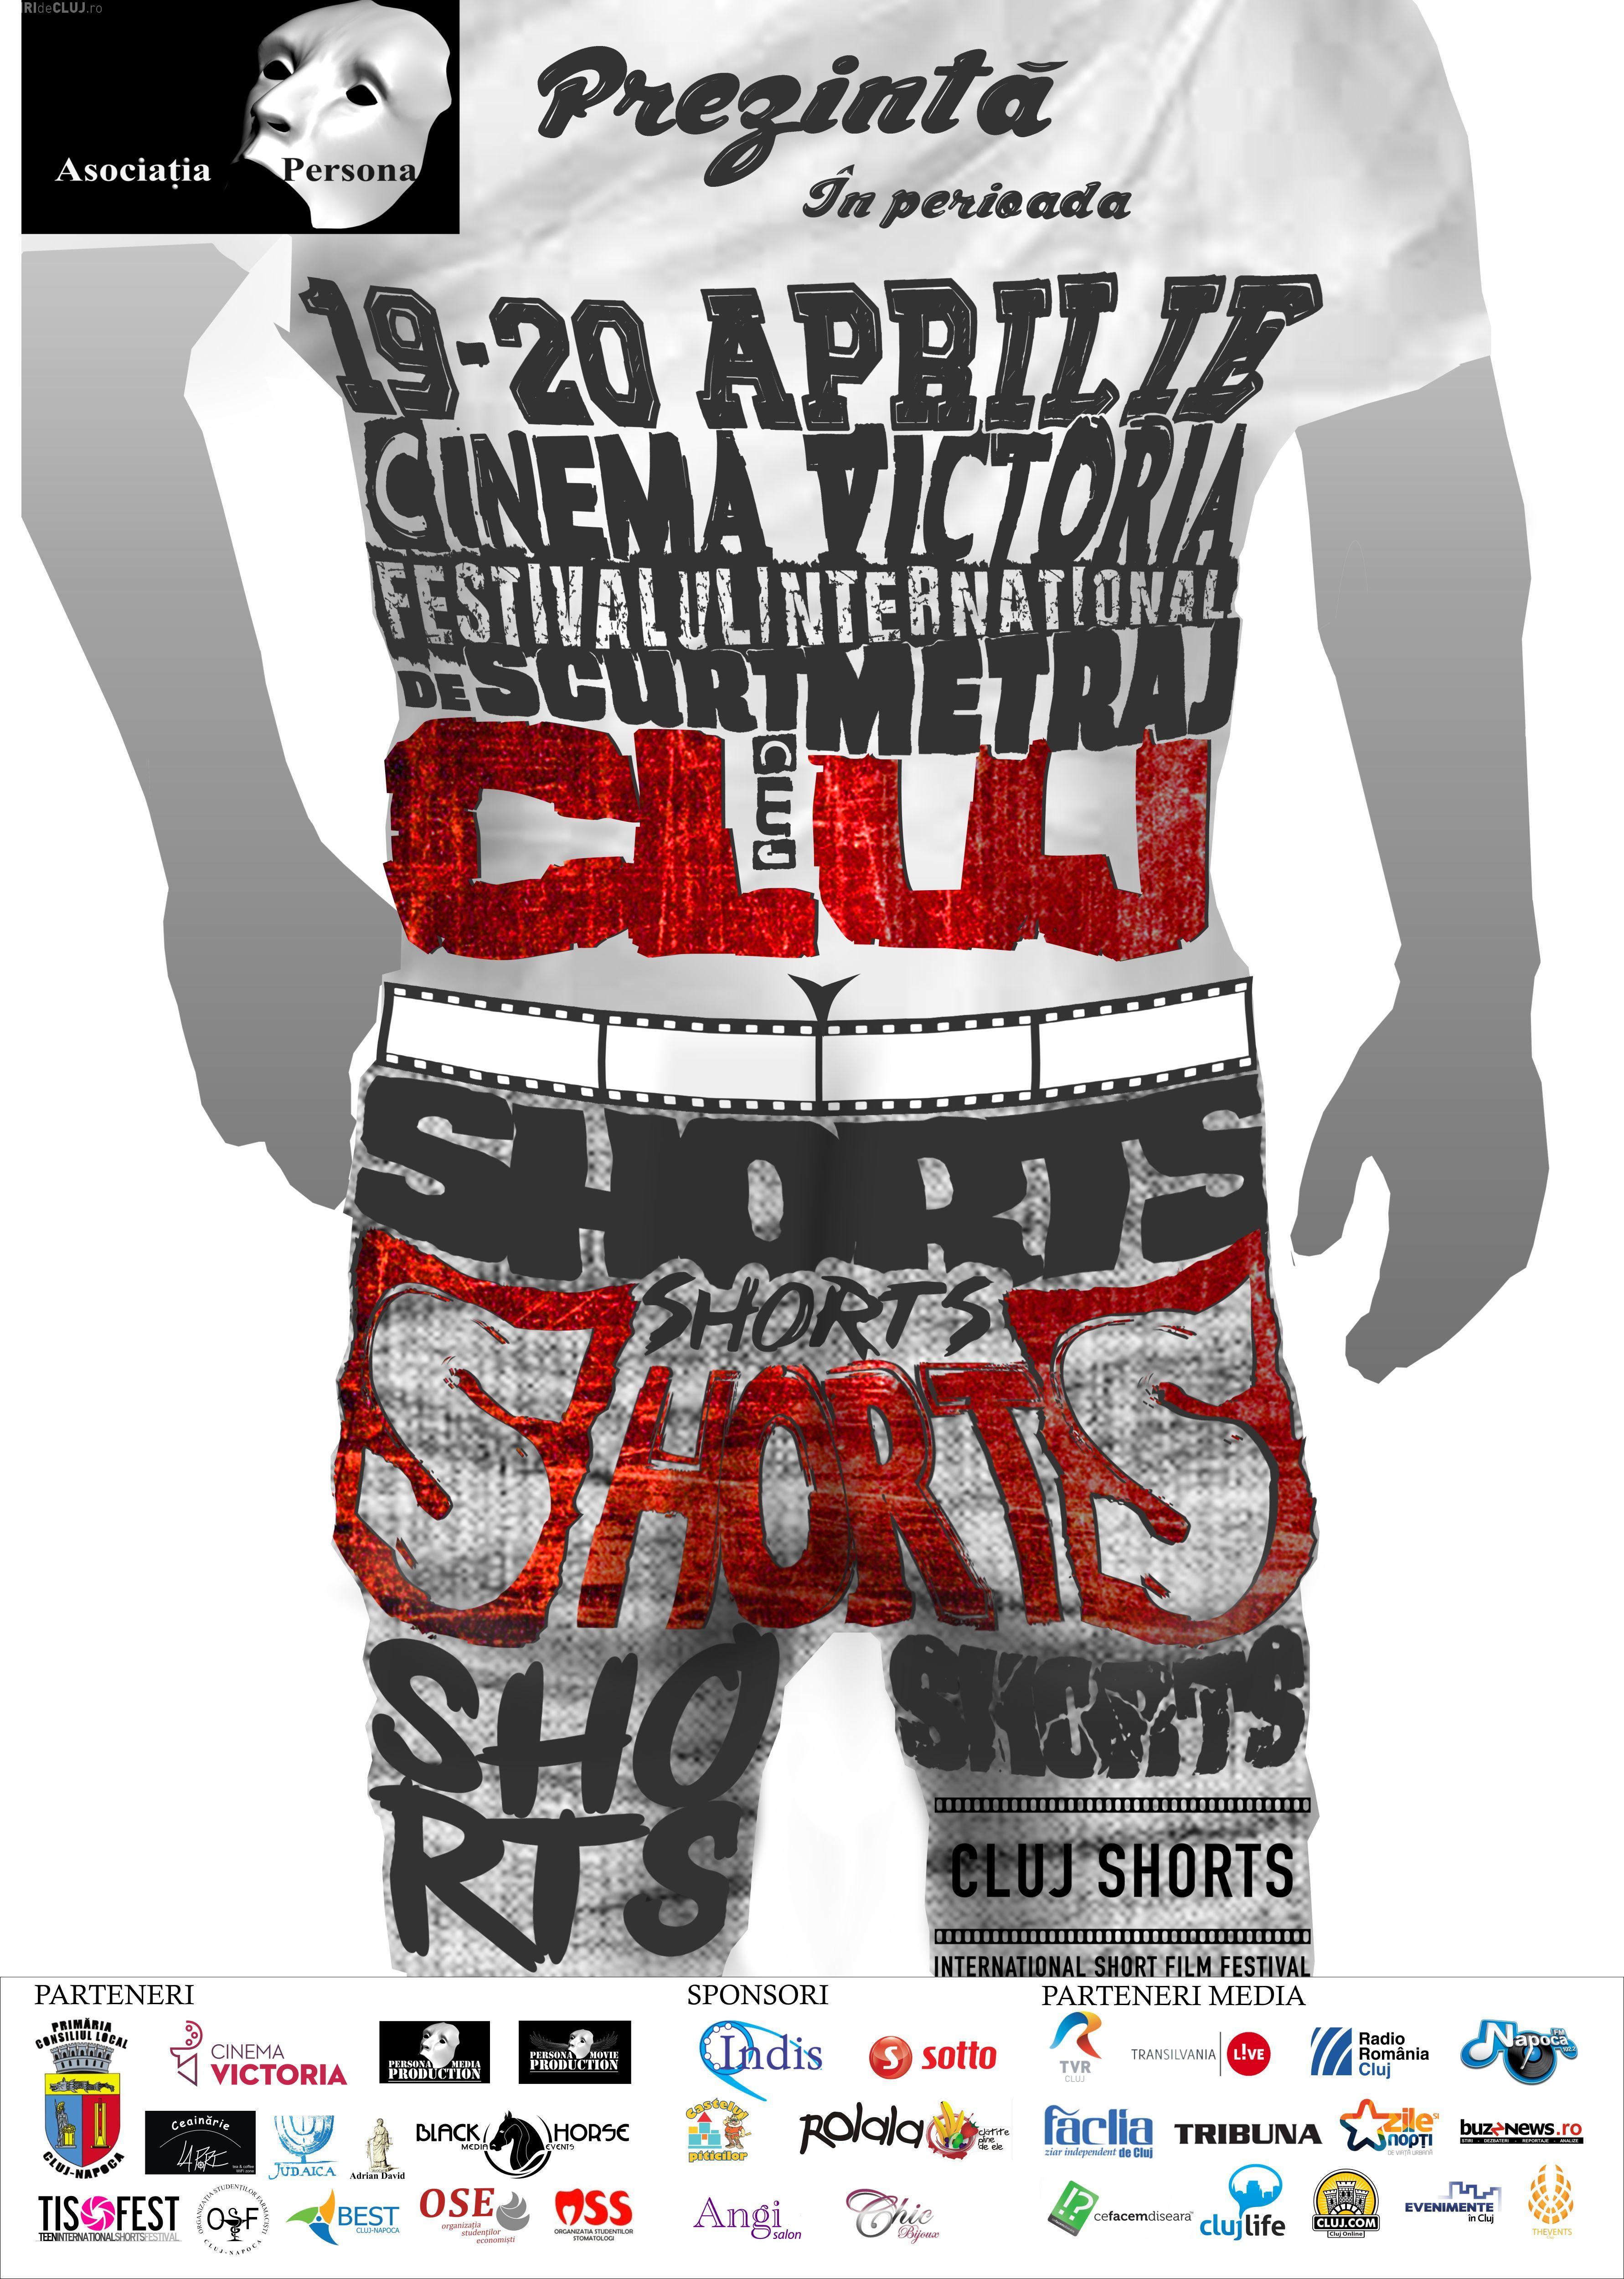 CLUJ SHORTS - Festival internațional de scurtmetraj, în aprilie la Cinema Victoria